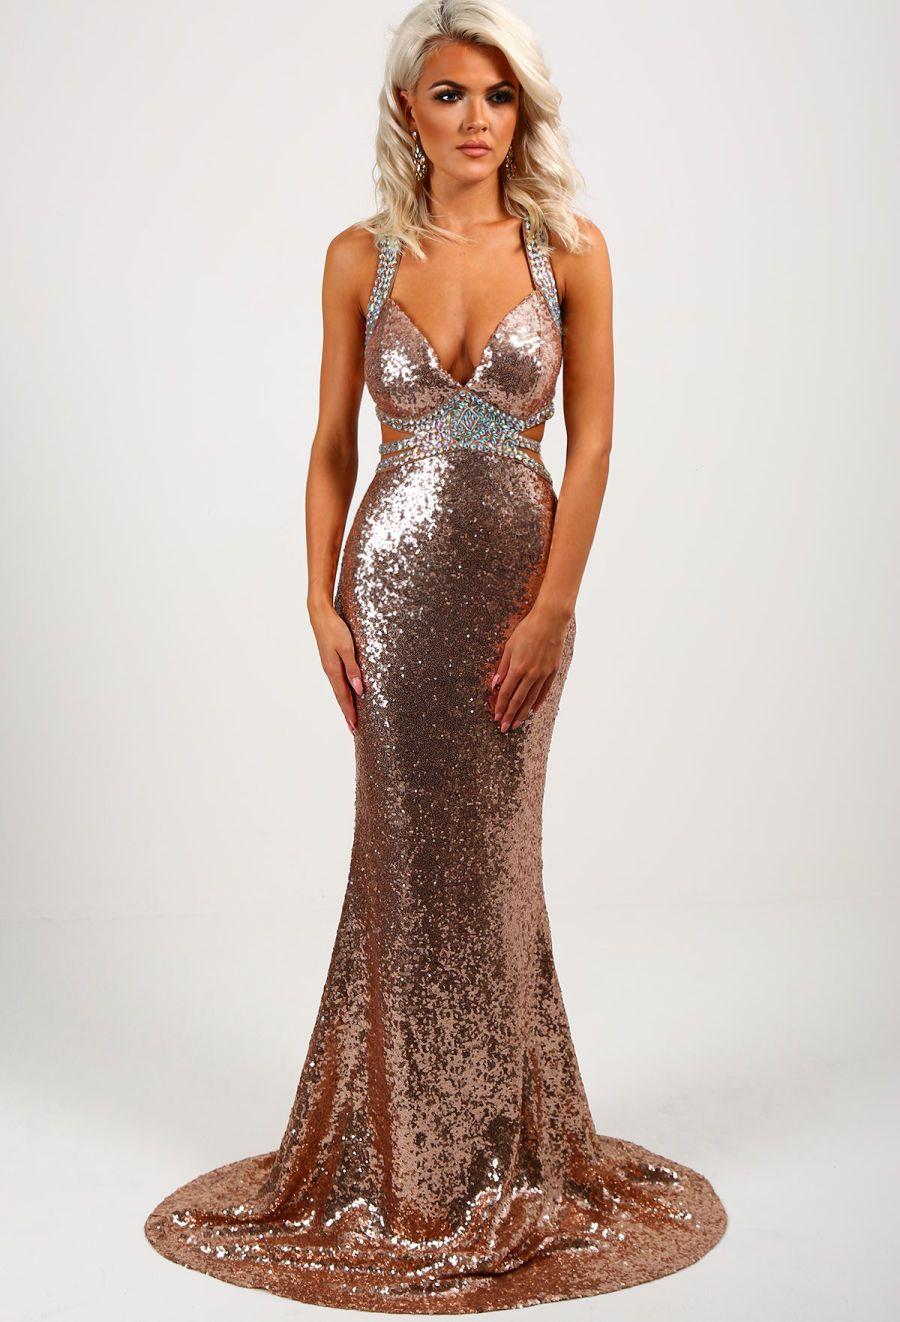 84882384d47f Goal Digger Rose Gold Embellished Sequin Maxi Dress - 8 | Capsule ...